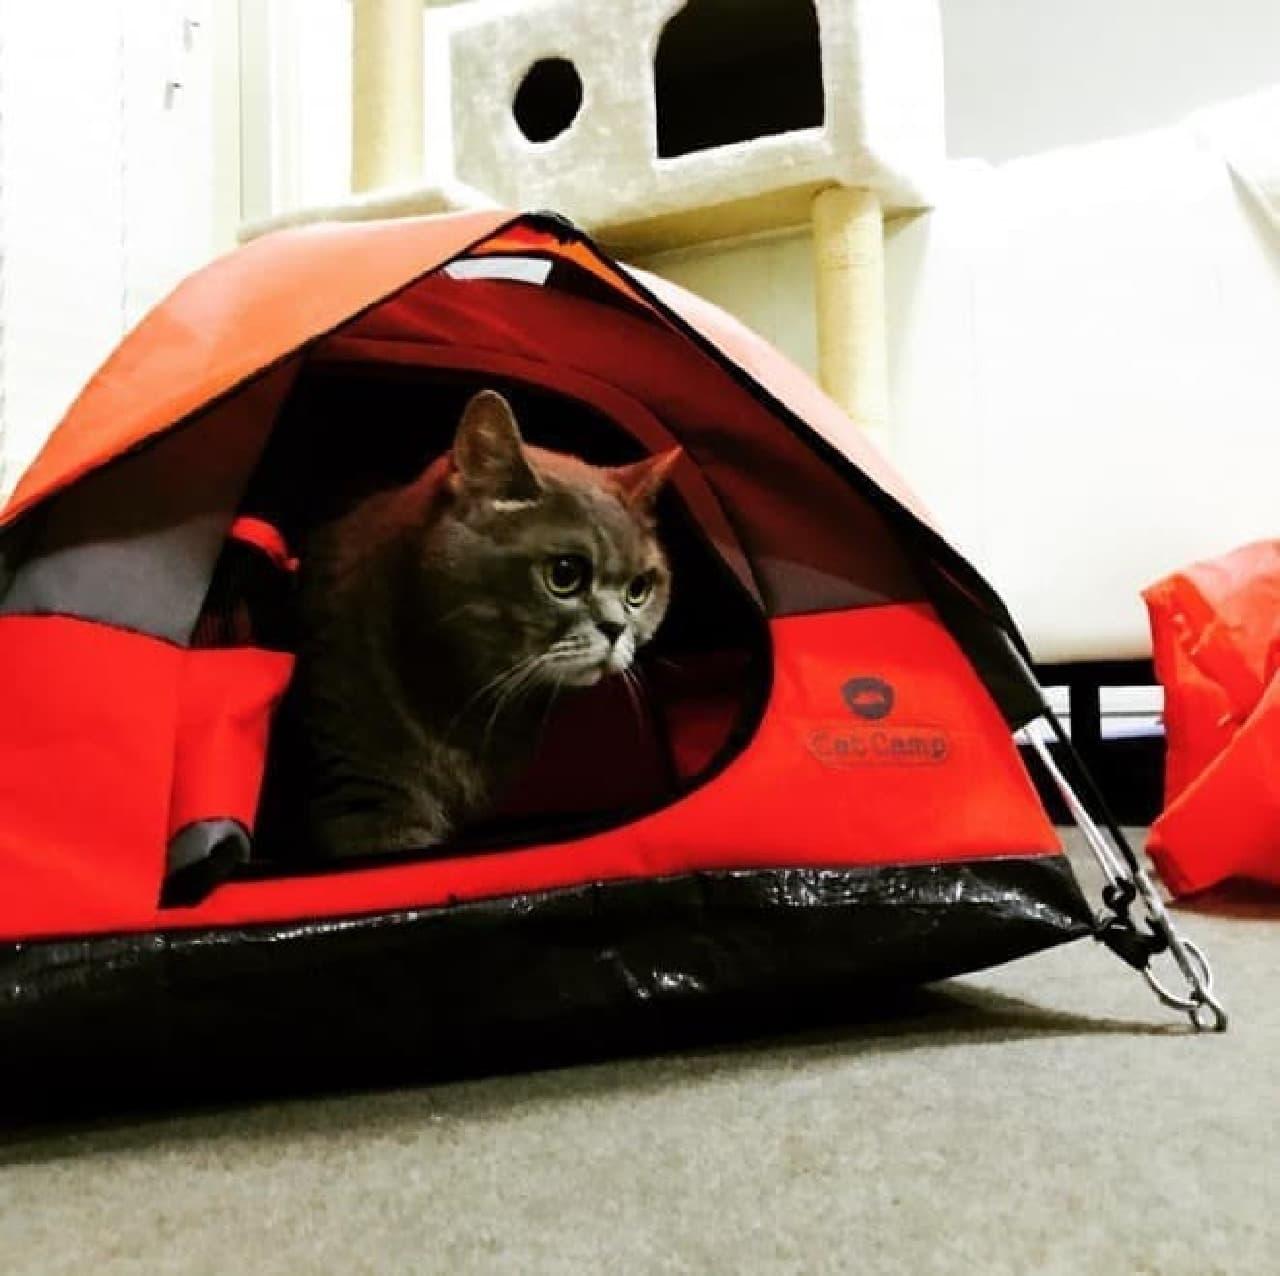 ネコ用テント「Cat Camp」